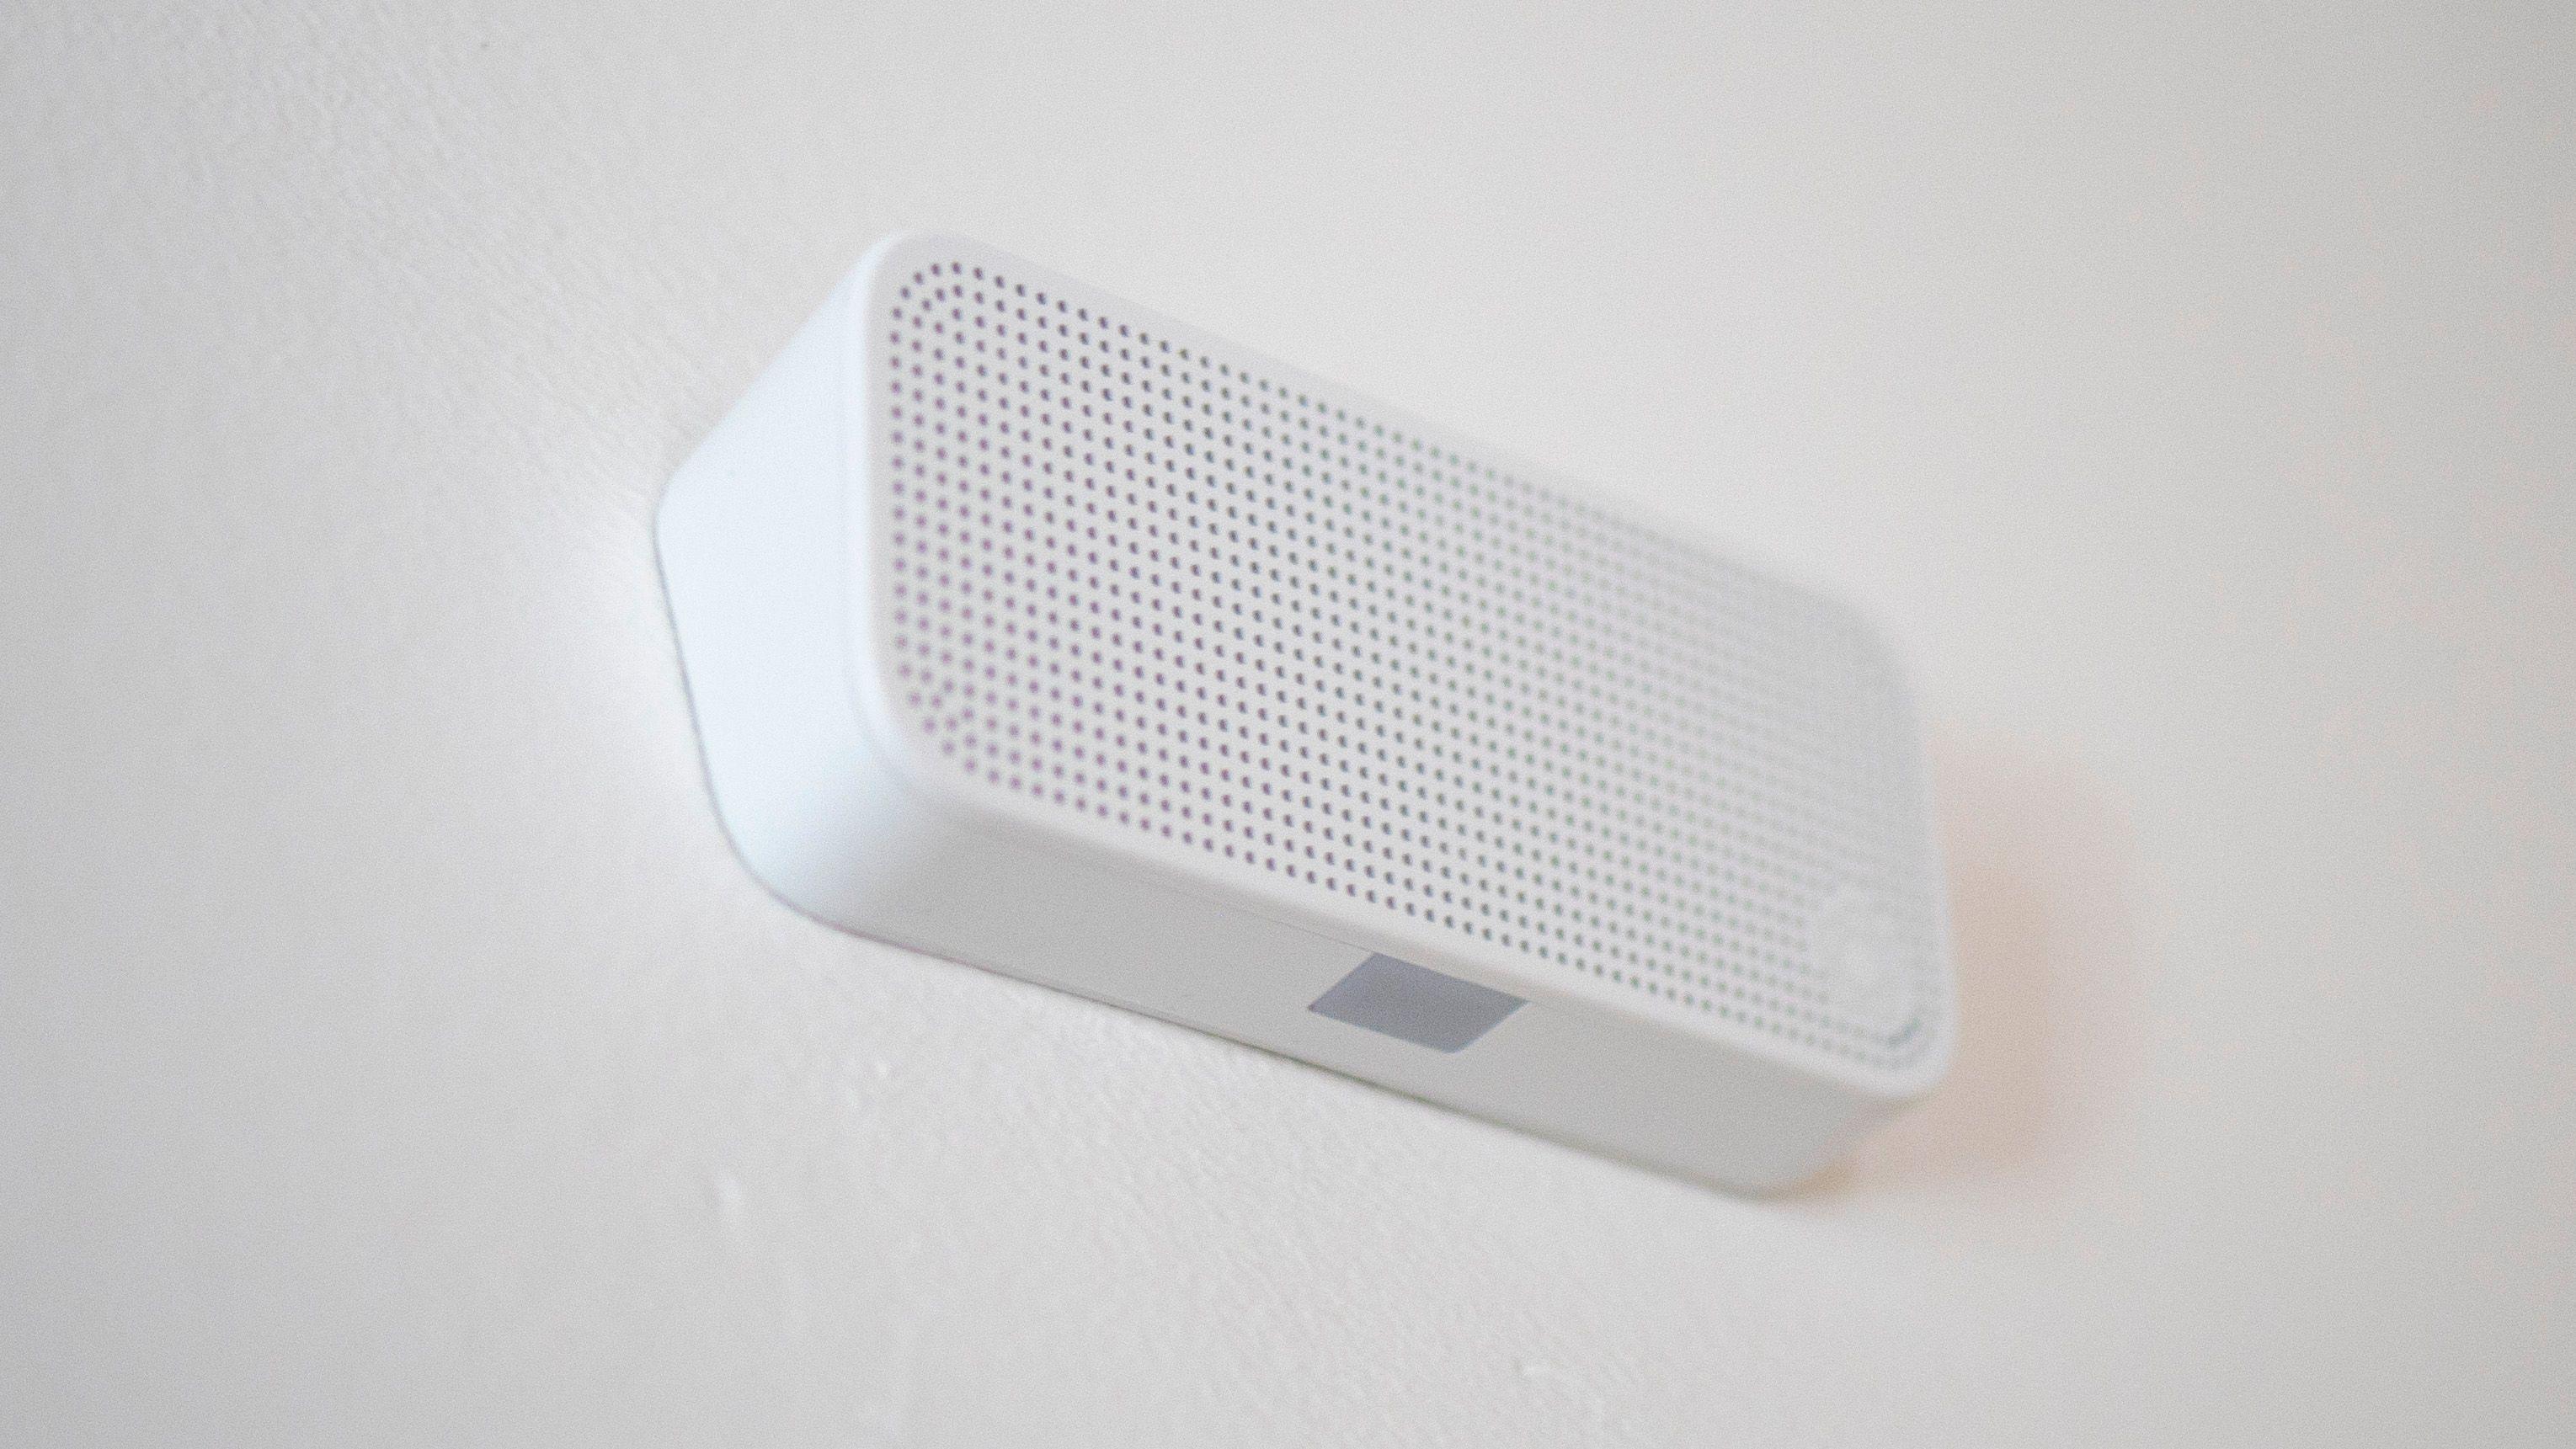 Denne høyttaleren gjør det enkelt for Verisure å kommunisere med deg når alarmen er utløst.